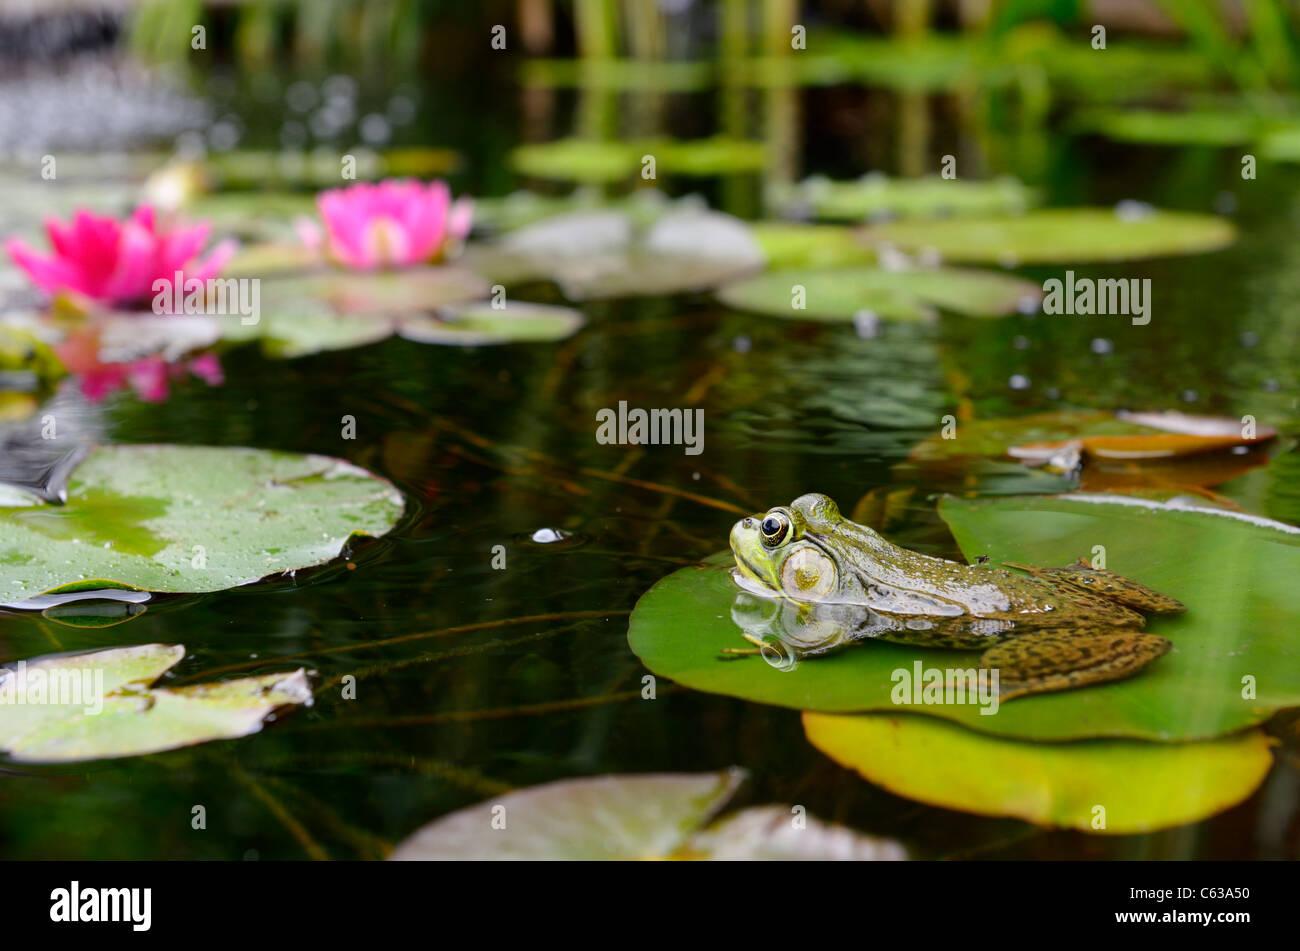 Rana Verde flotando sobre una hoja de lirio de agua en un estanque con flores de color rosa Imagen De Stock